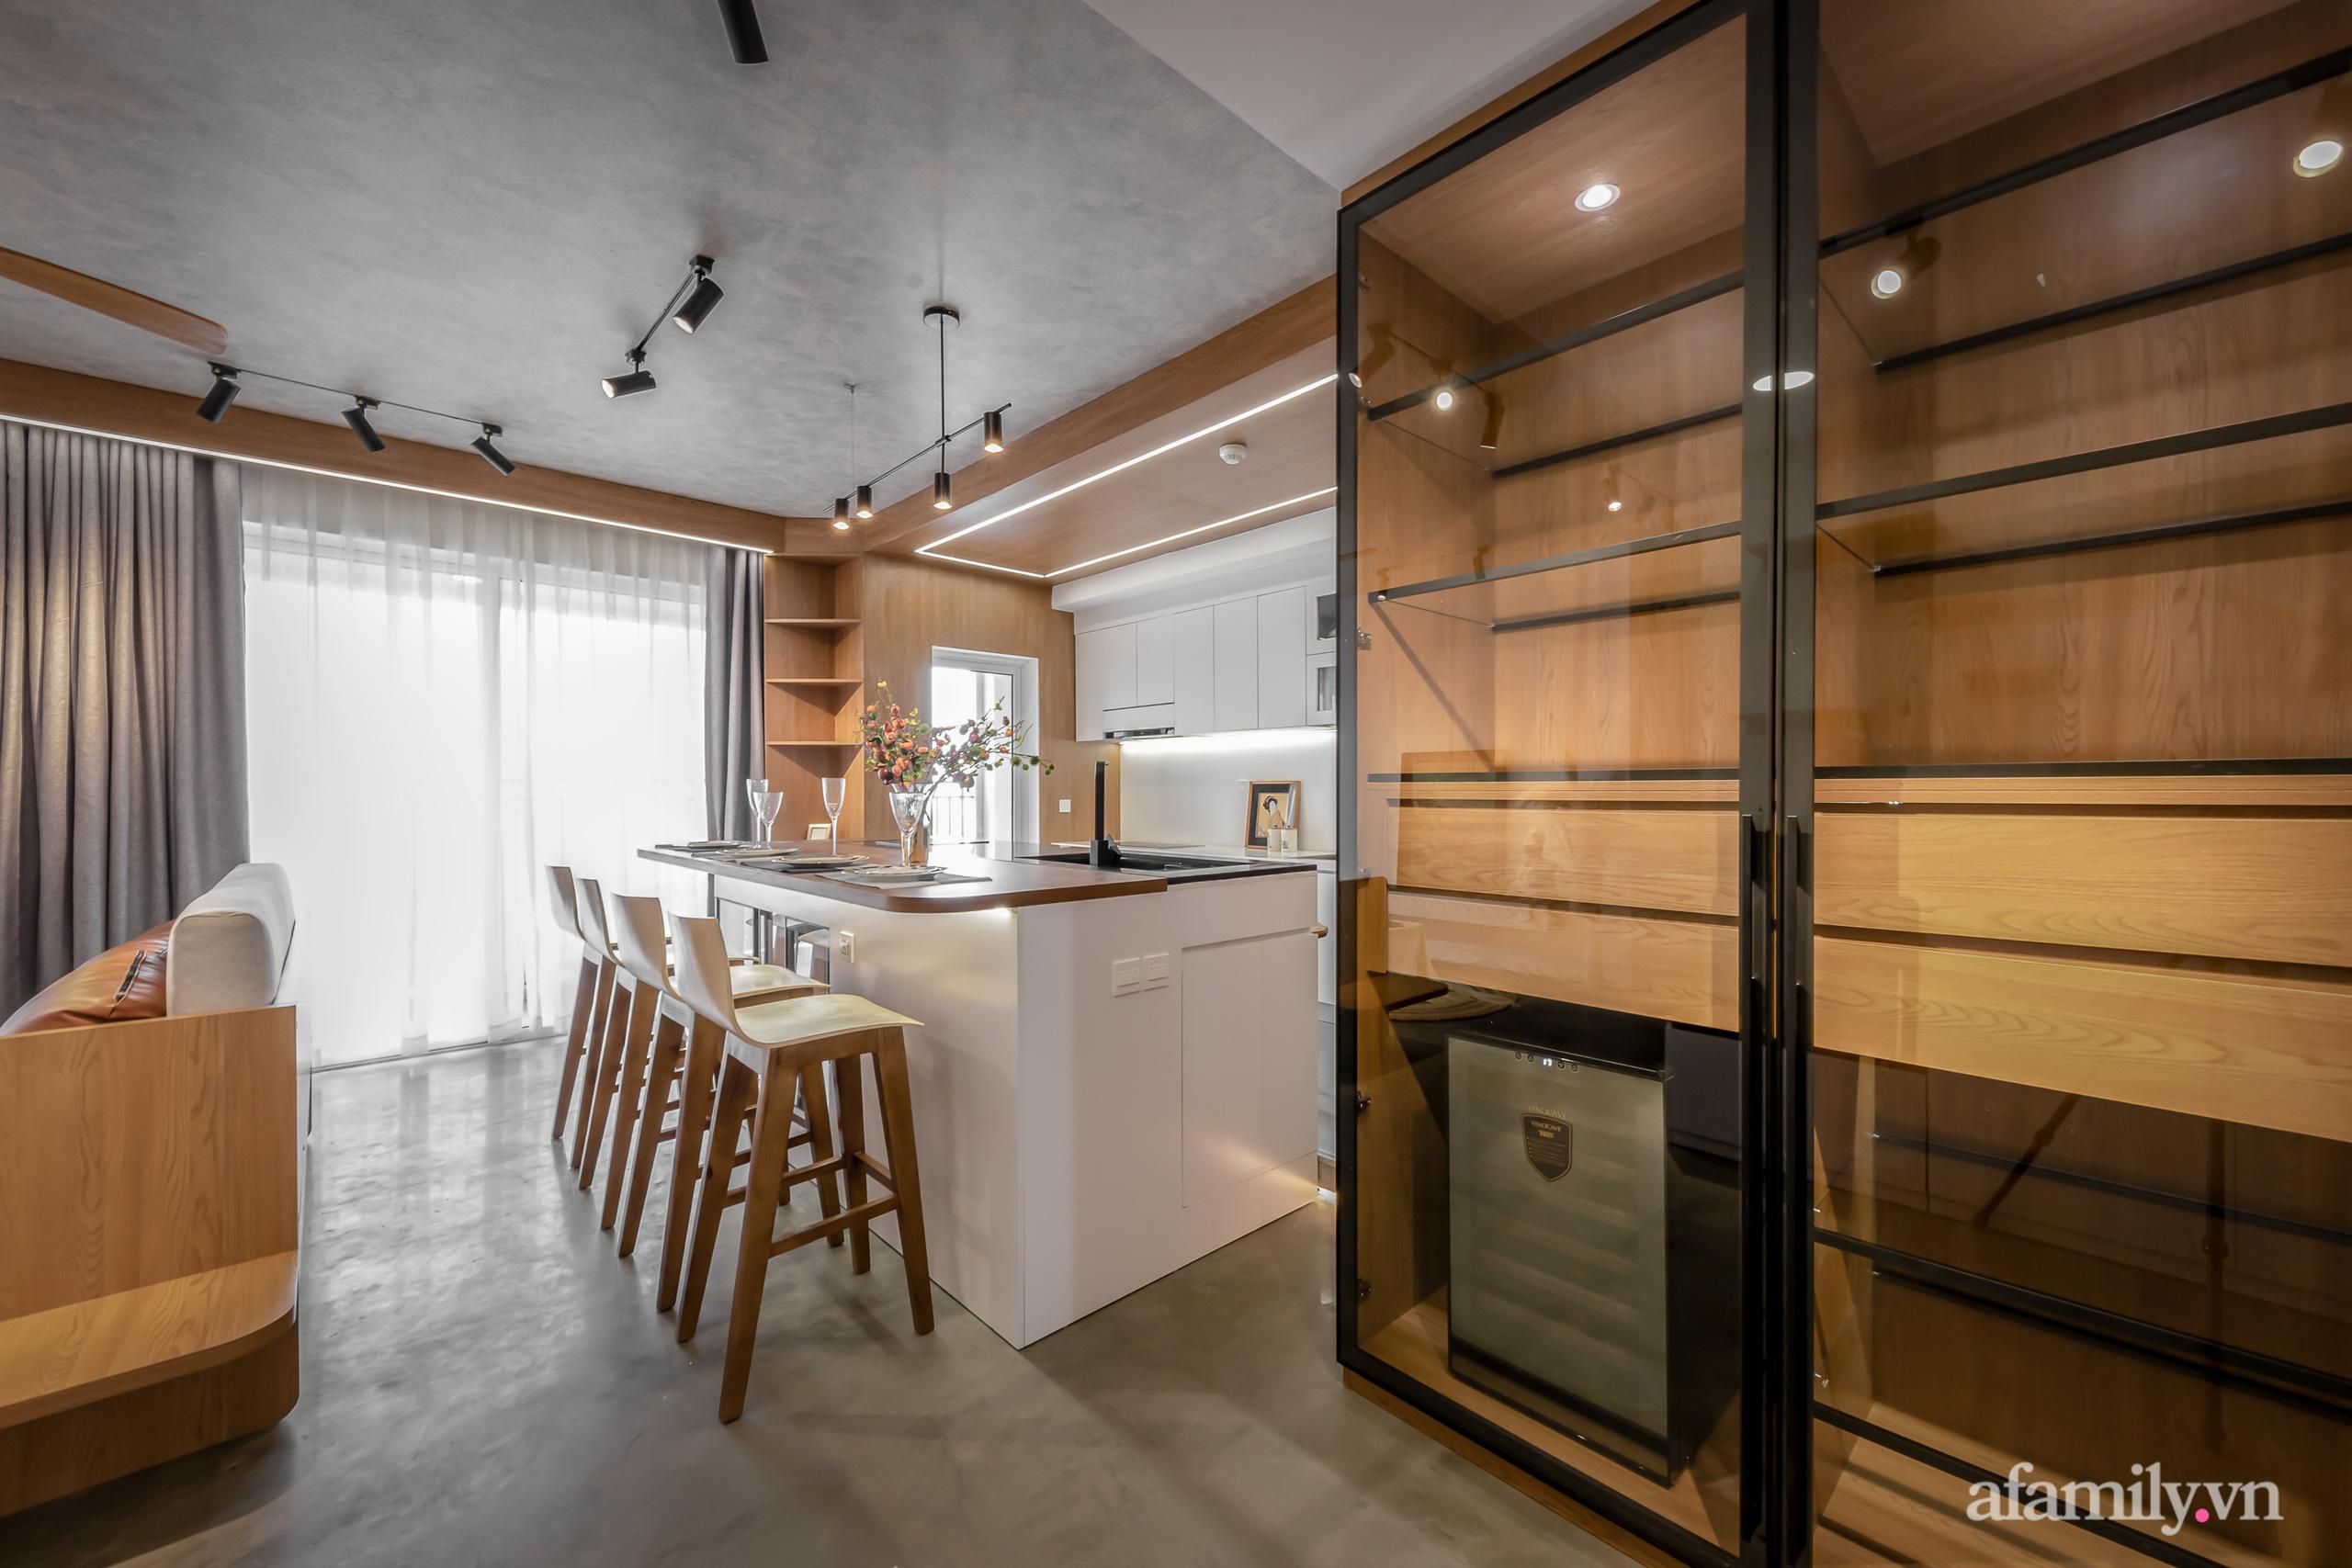 Căn hộ 106m² đẹp cá tính với hiệu ứng bê tông cùng phong cách tối giản có chi phí hoàn thiện 950 triệu đồng ở Sài Gòn - Ảnh 13.